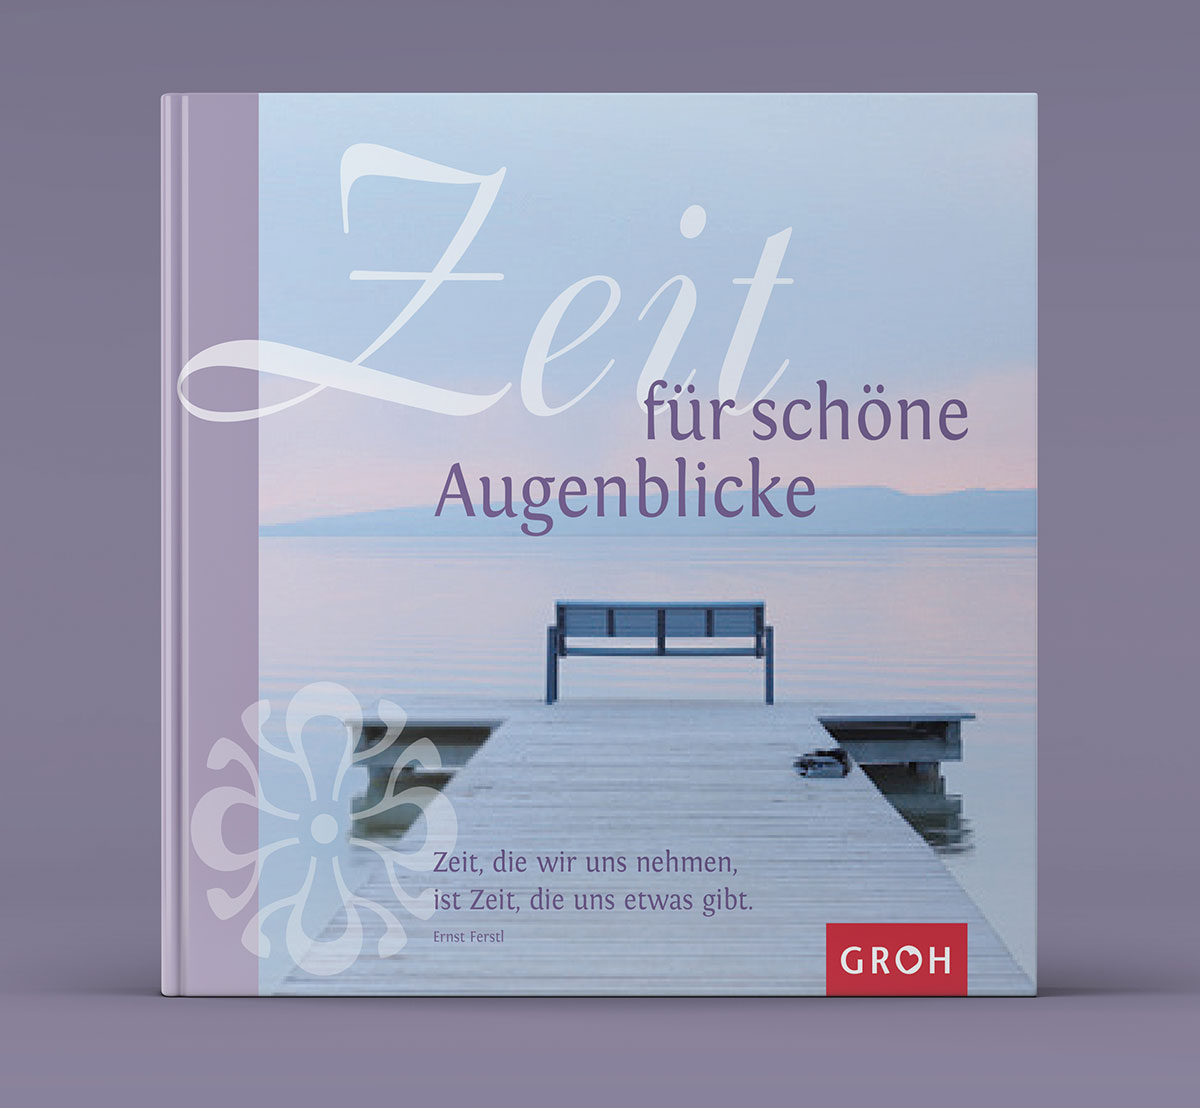 Carmen Christ Design | Geschenkbuch-Design Groh